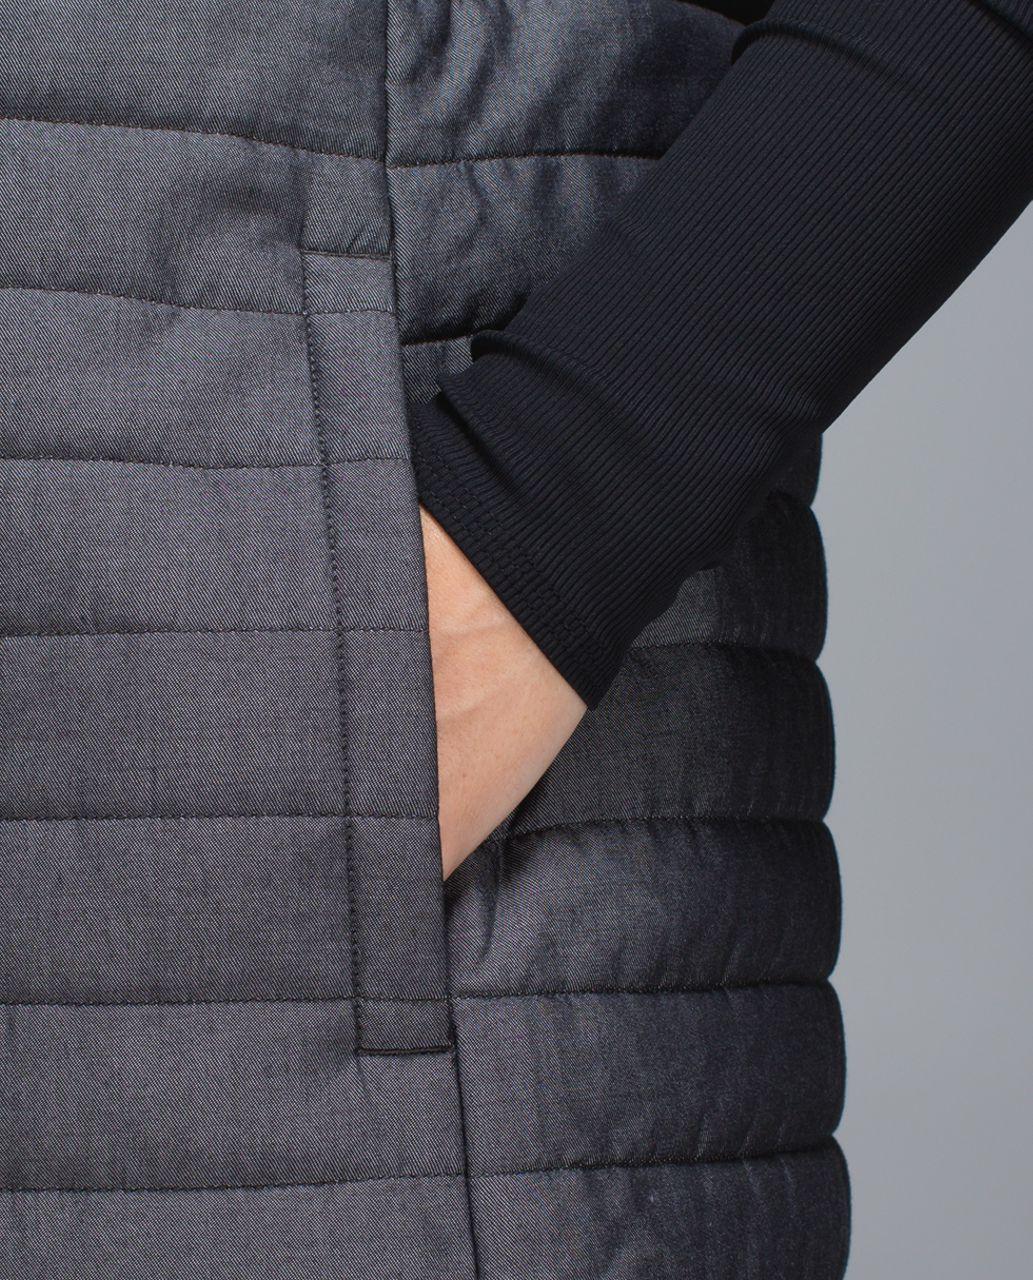 Lululemon Everything She Wants Vest - Black